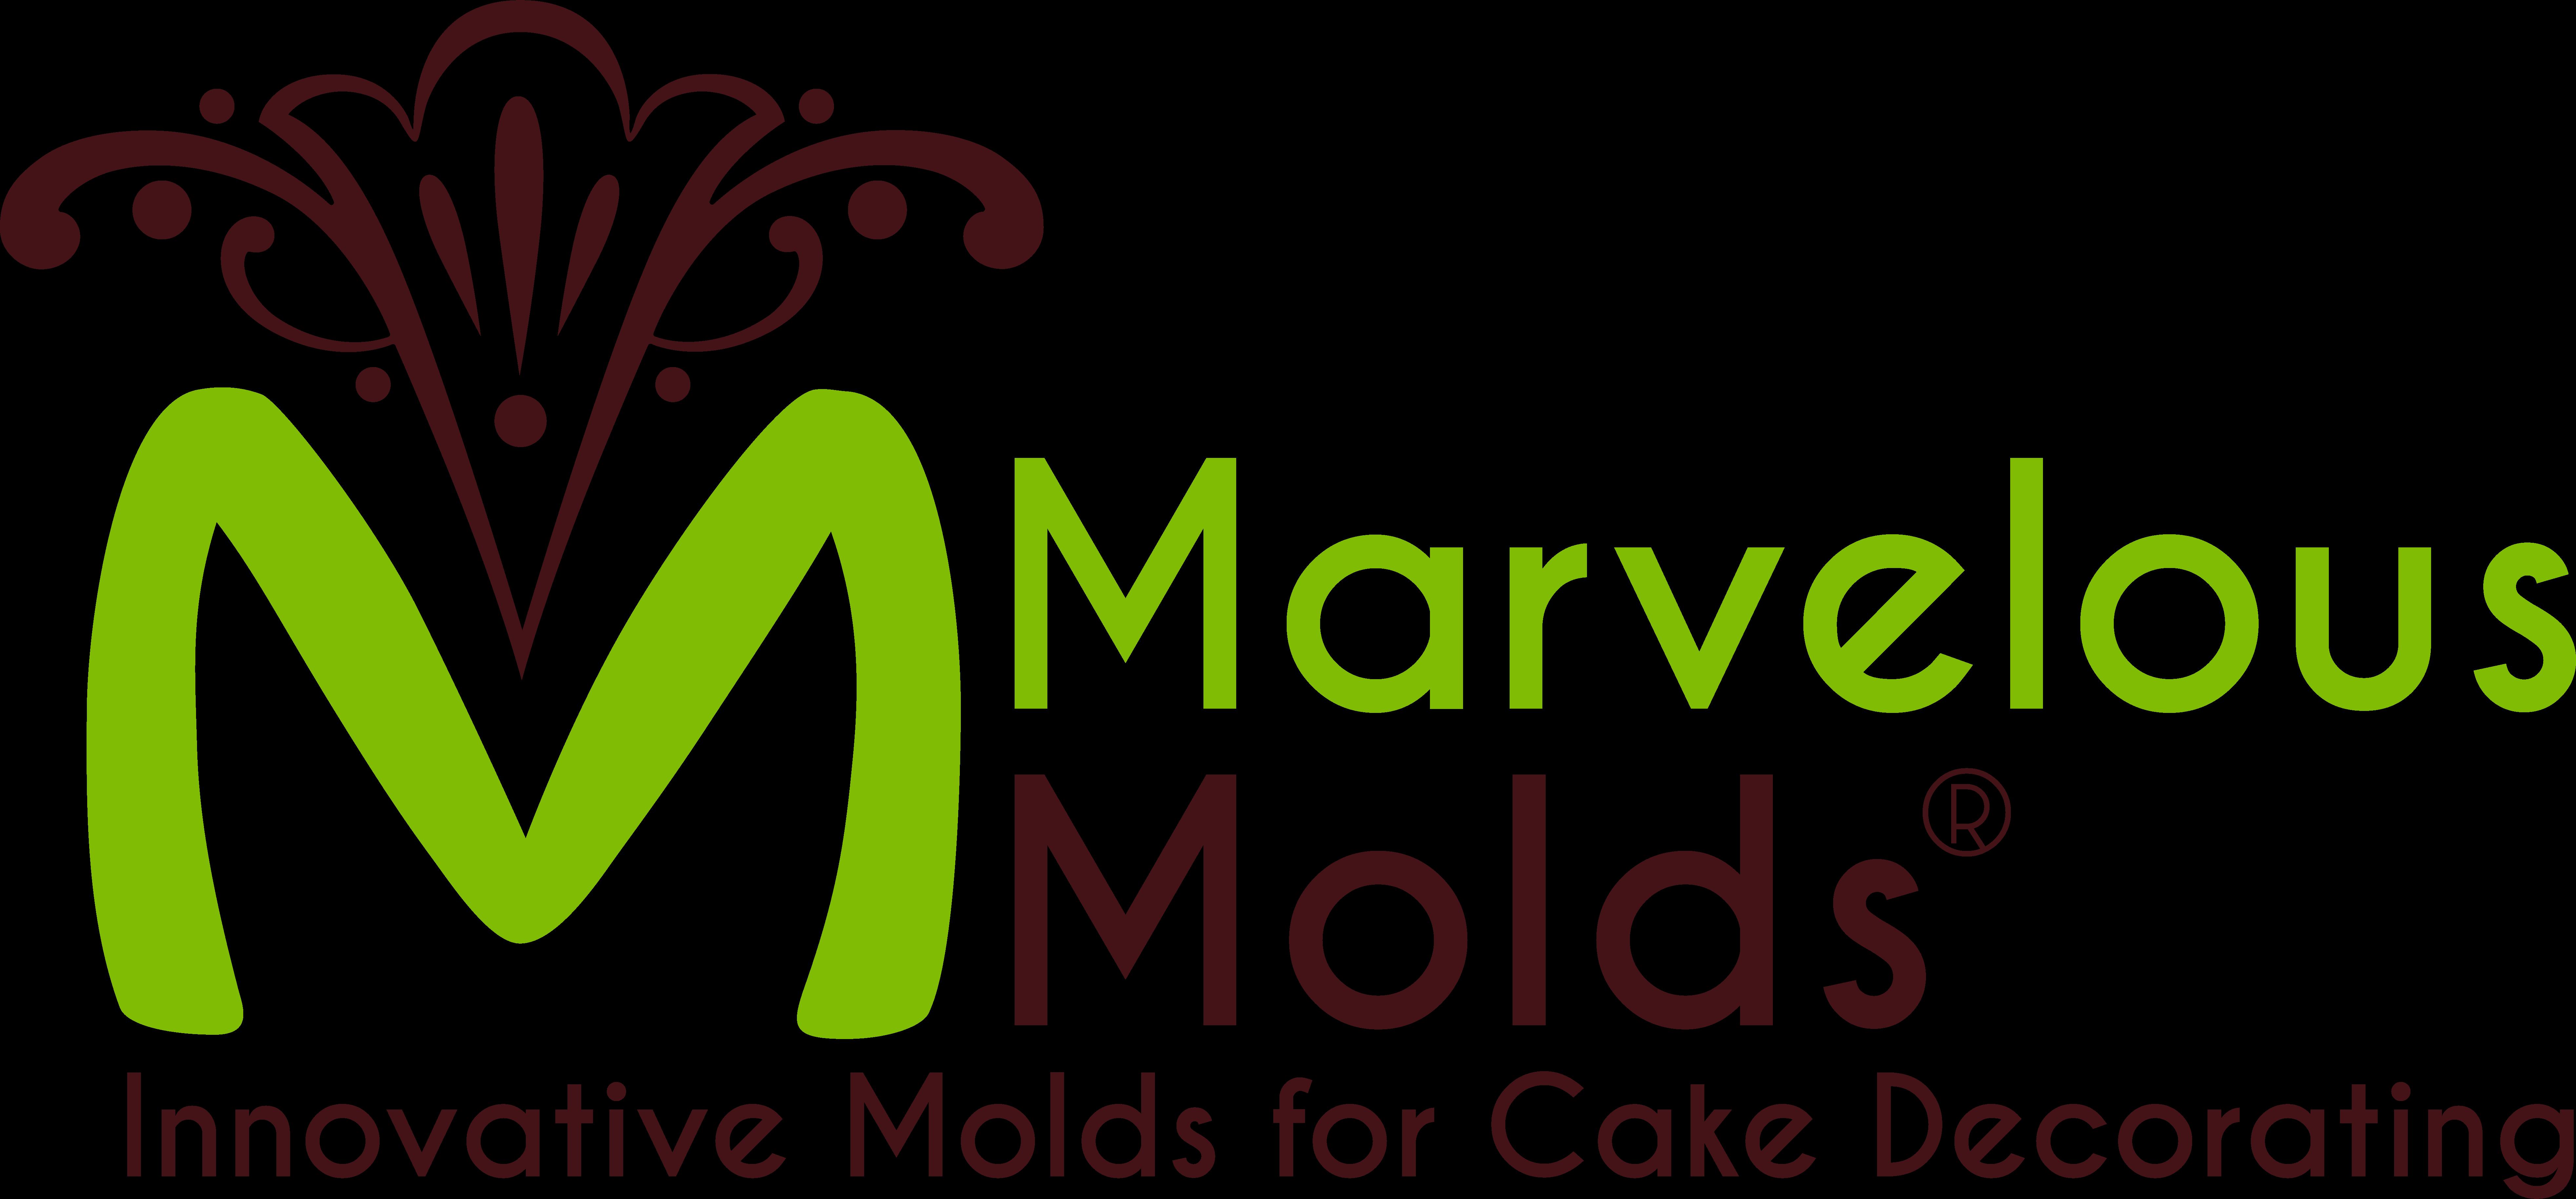 Marvelous Molds logo